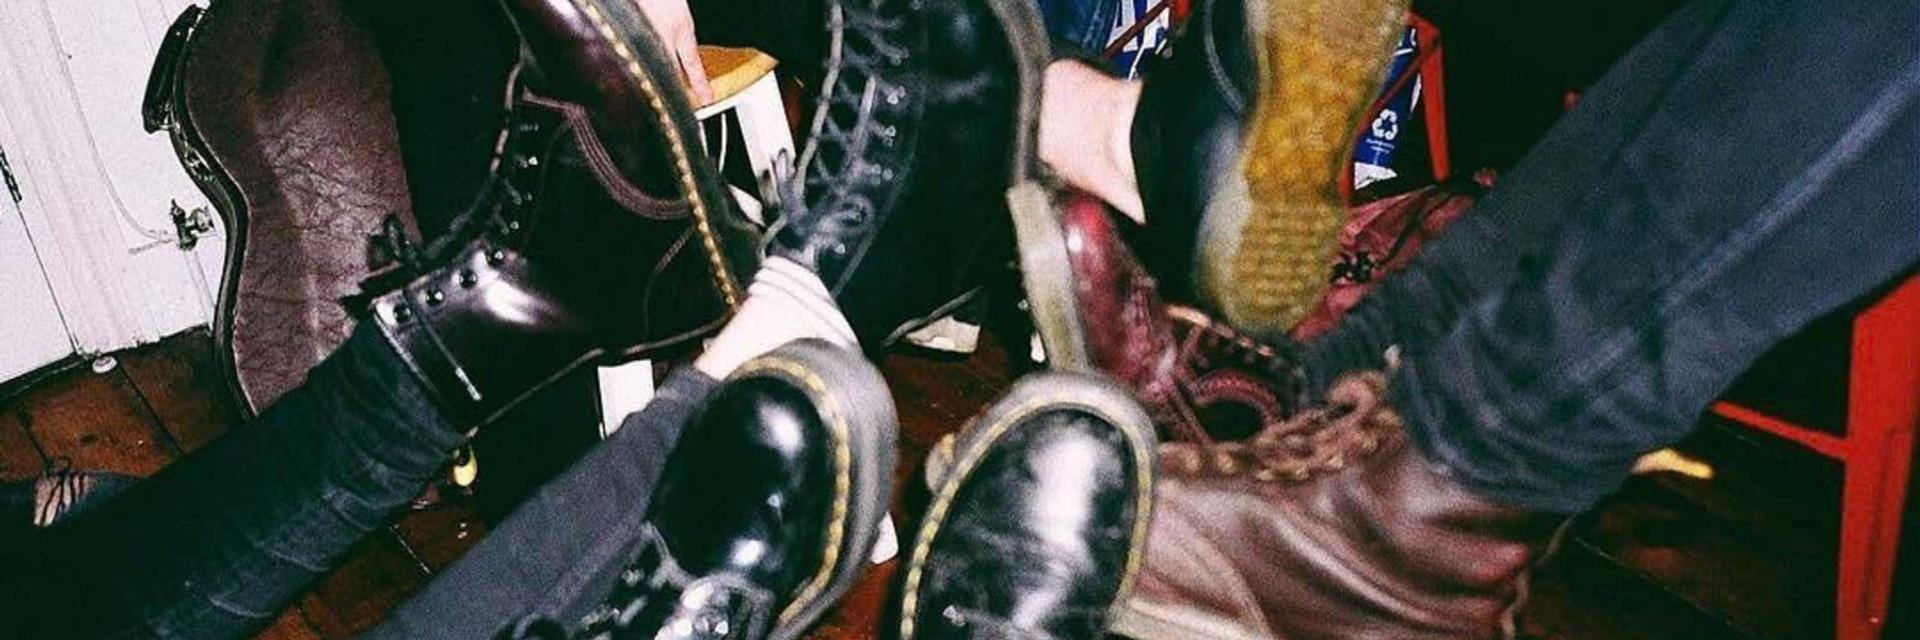 獨家專訪!JUKSY 前進 Dr.Martens 英國總部#解密 Dr.Martens「如何打著一手好牌」在球鞋海中仍銷售開紅盤!